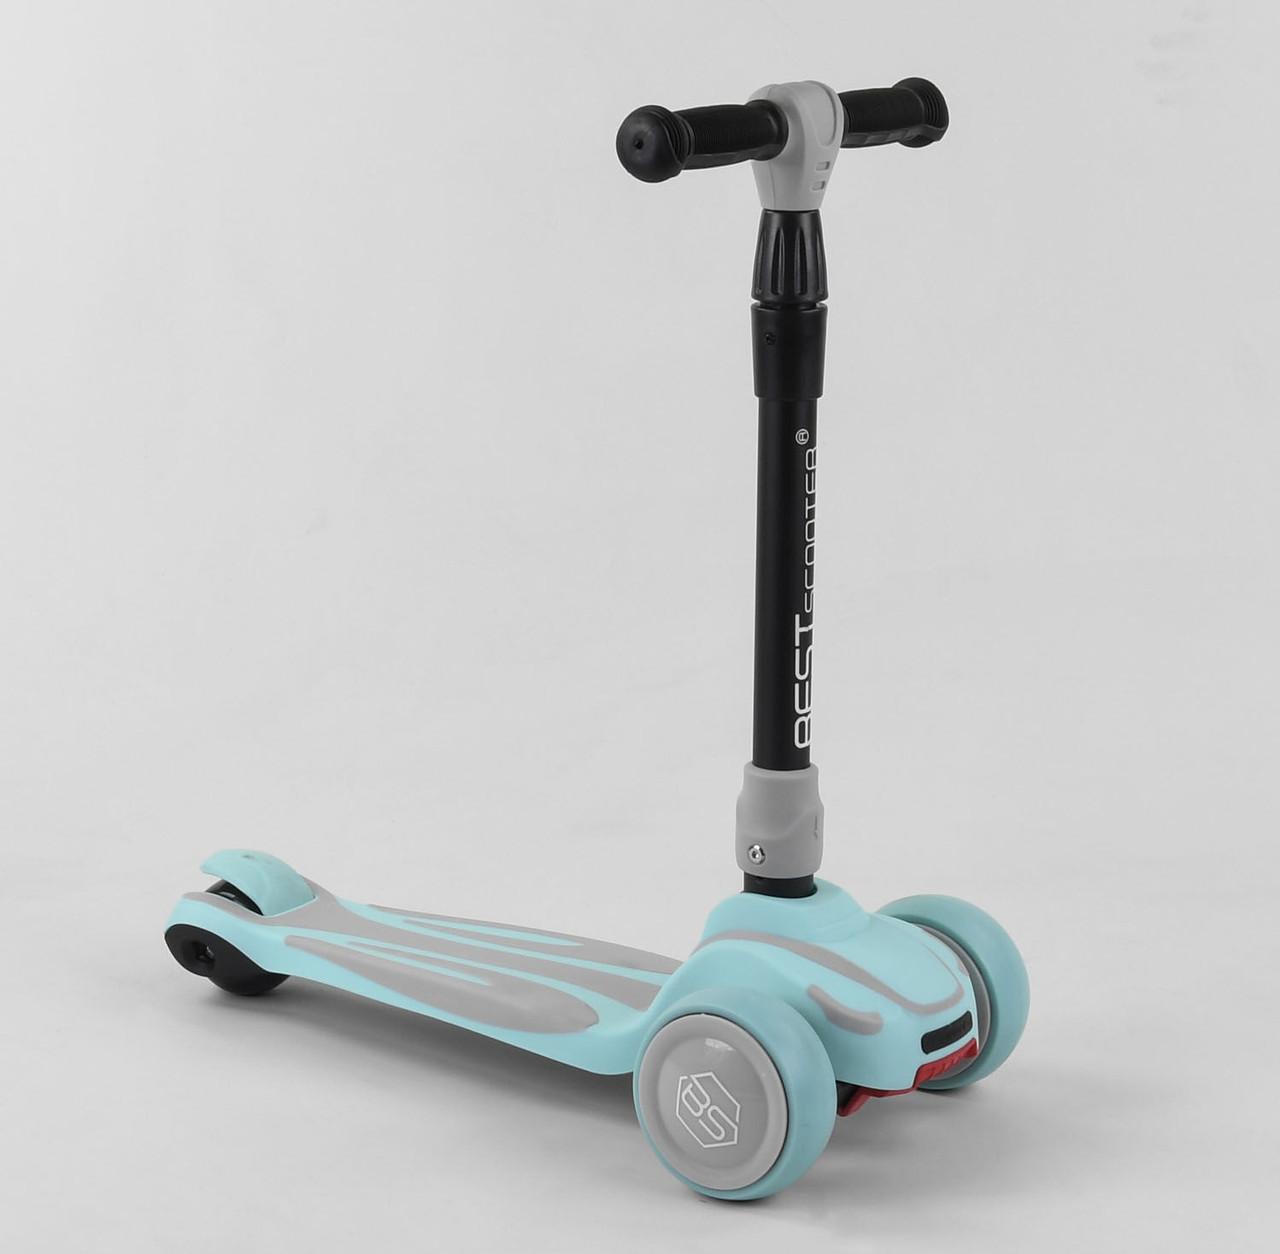 Самокат триколісний для дітей з похилим поворотом керма, ПУ колесами, міцною декою Best Scooter Maxi S-7102